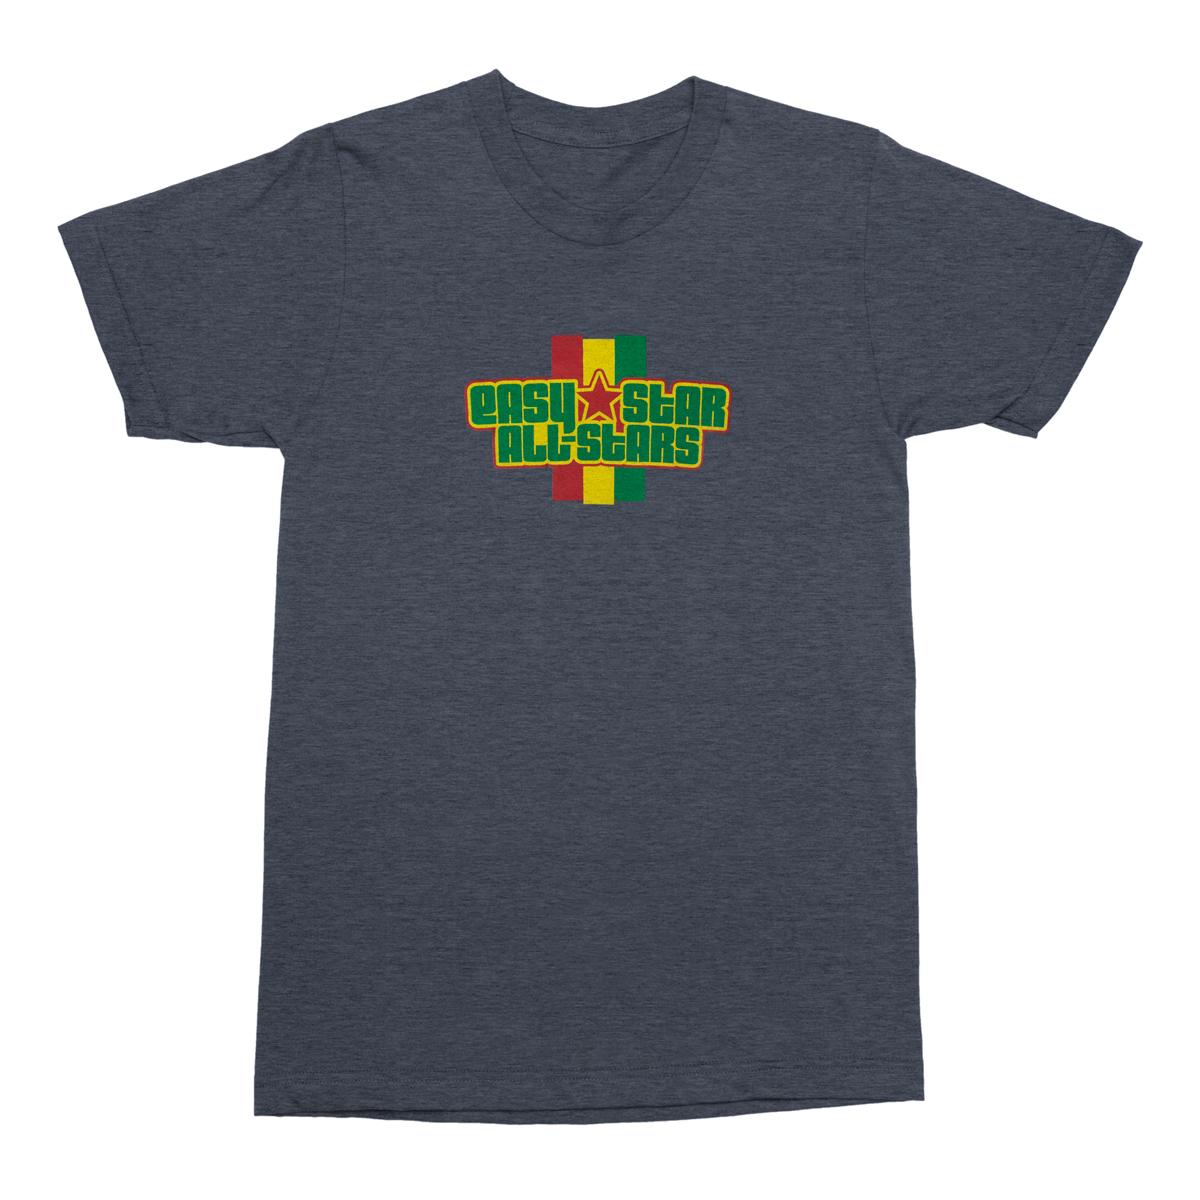 Easy Star All-Stars Logo T-Shirt